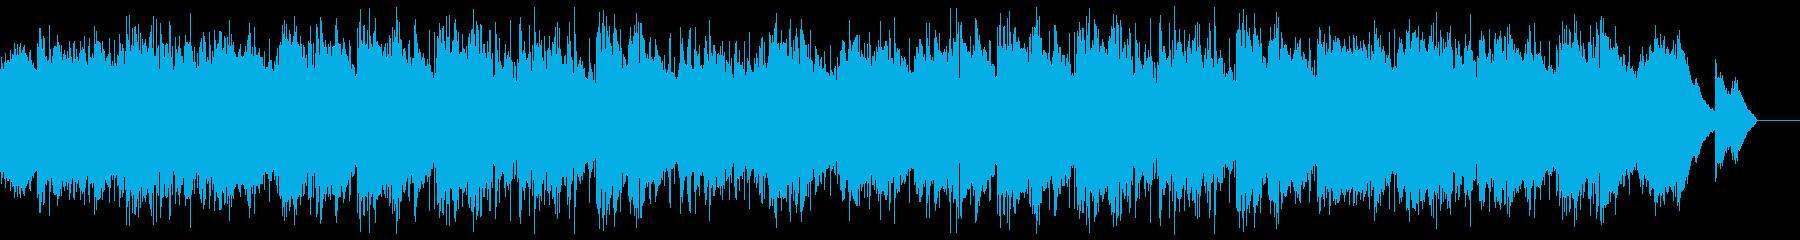 七夕の星空・爽やかなピアノR&Bの再生済みの波形